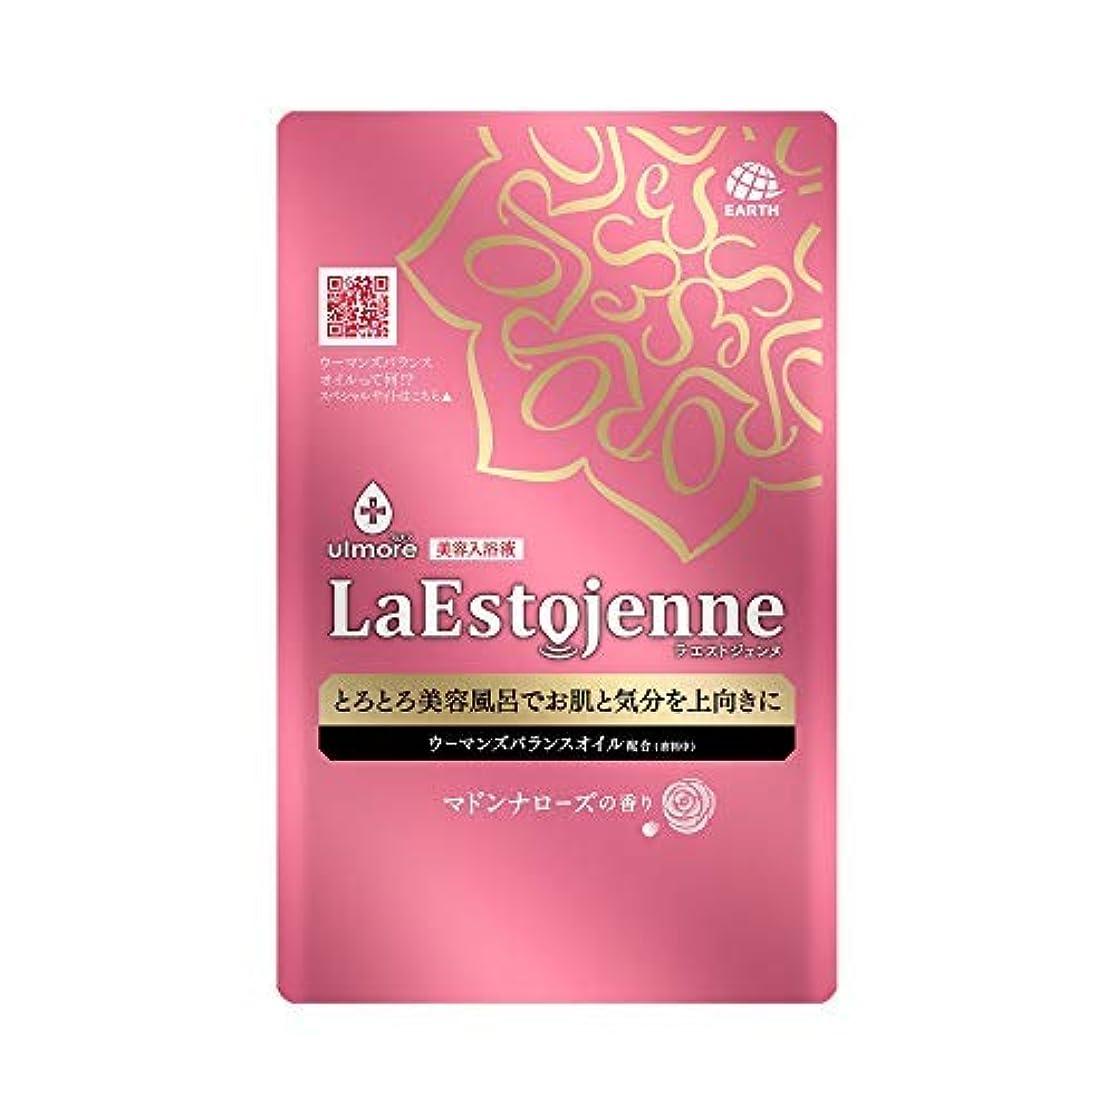 戦う生じる慈悲ウルモア ラエストジェンヌ マドンナローズの香り 1包 × 6個セット